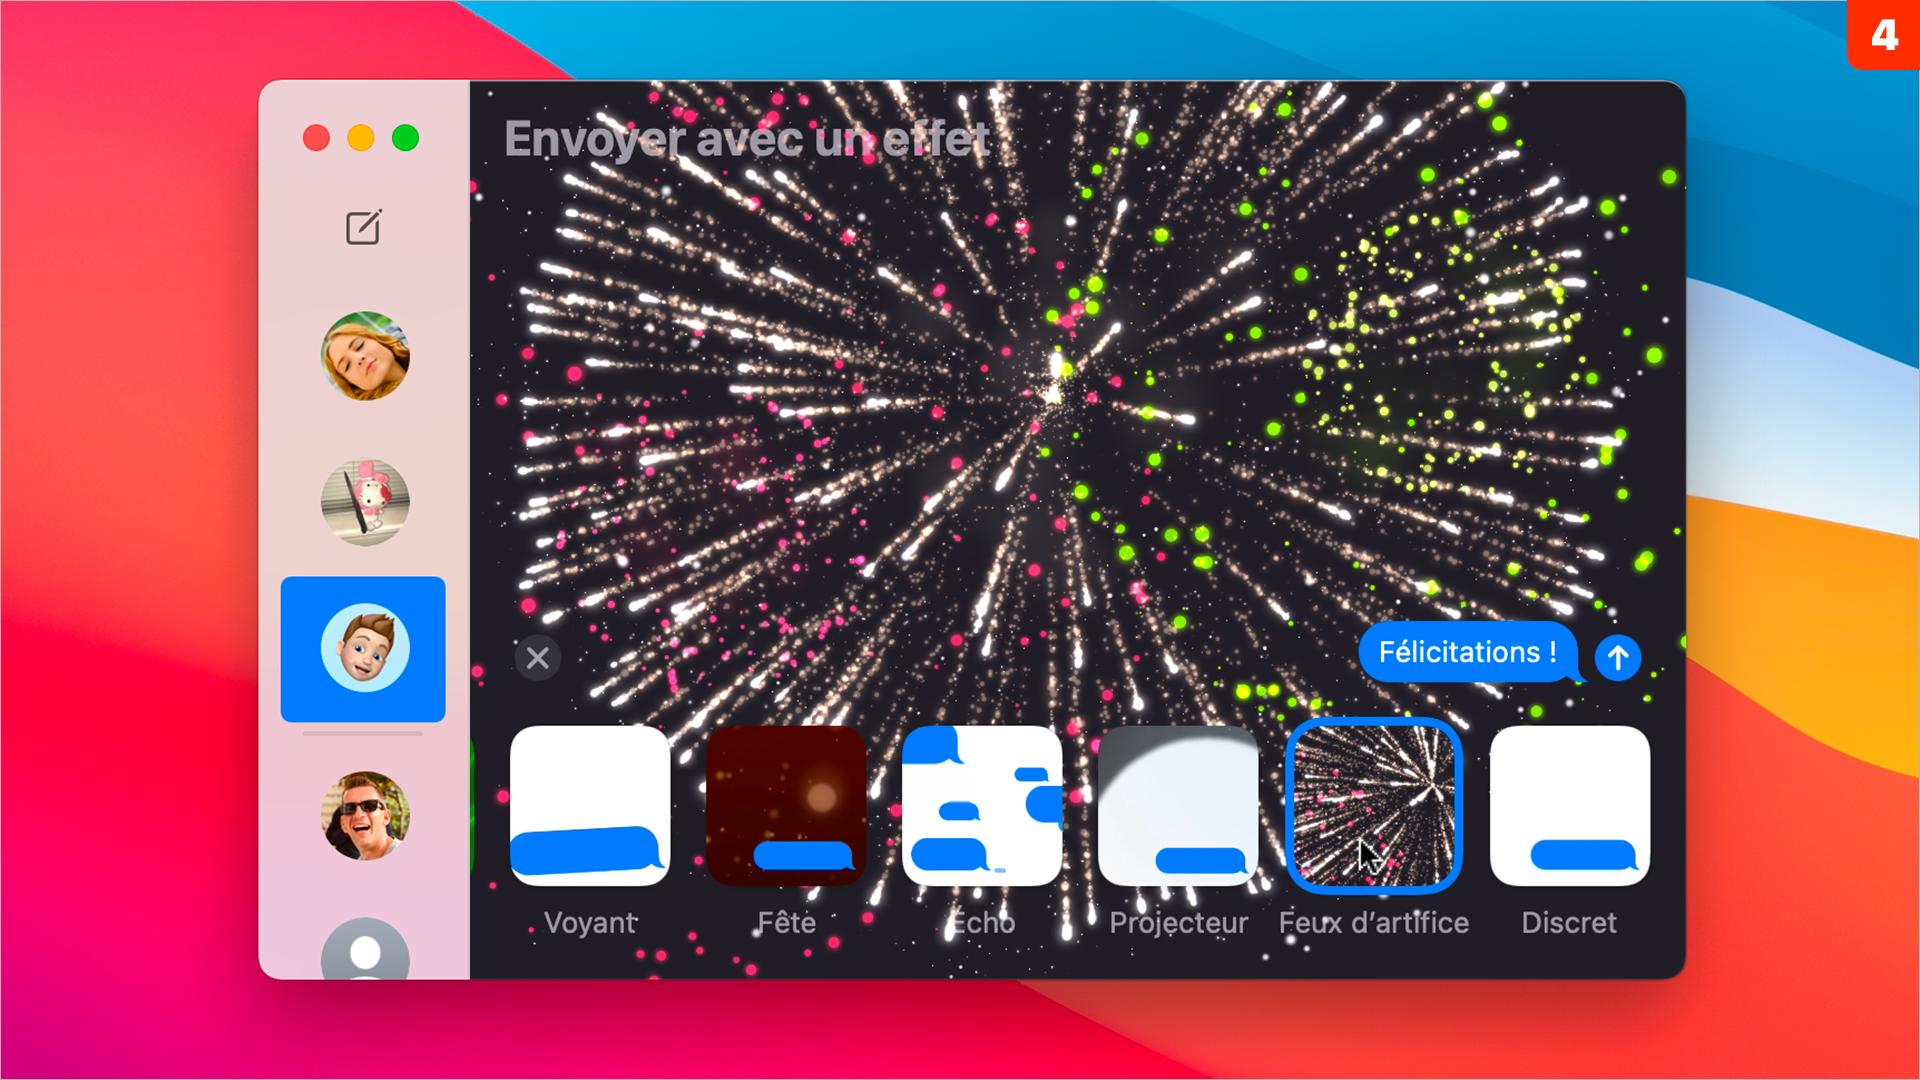 macOS 11 •Profitez pleinement des effets de messages comme depuis un iPhone